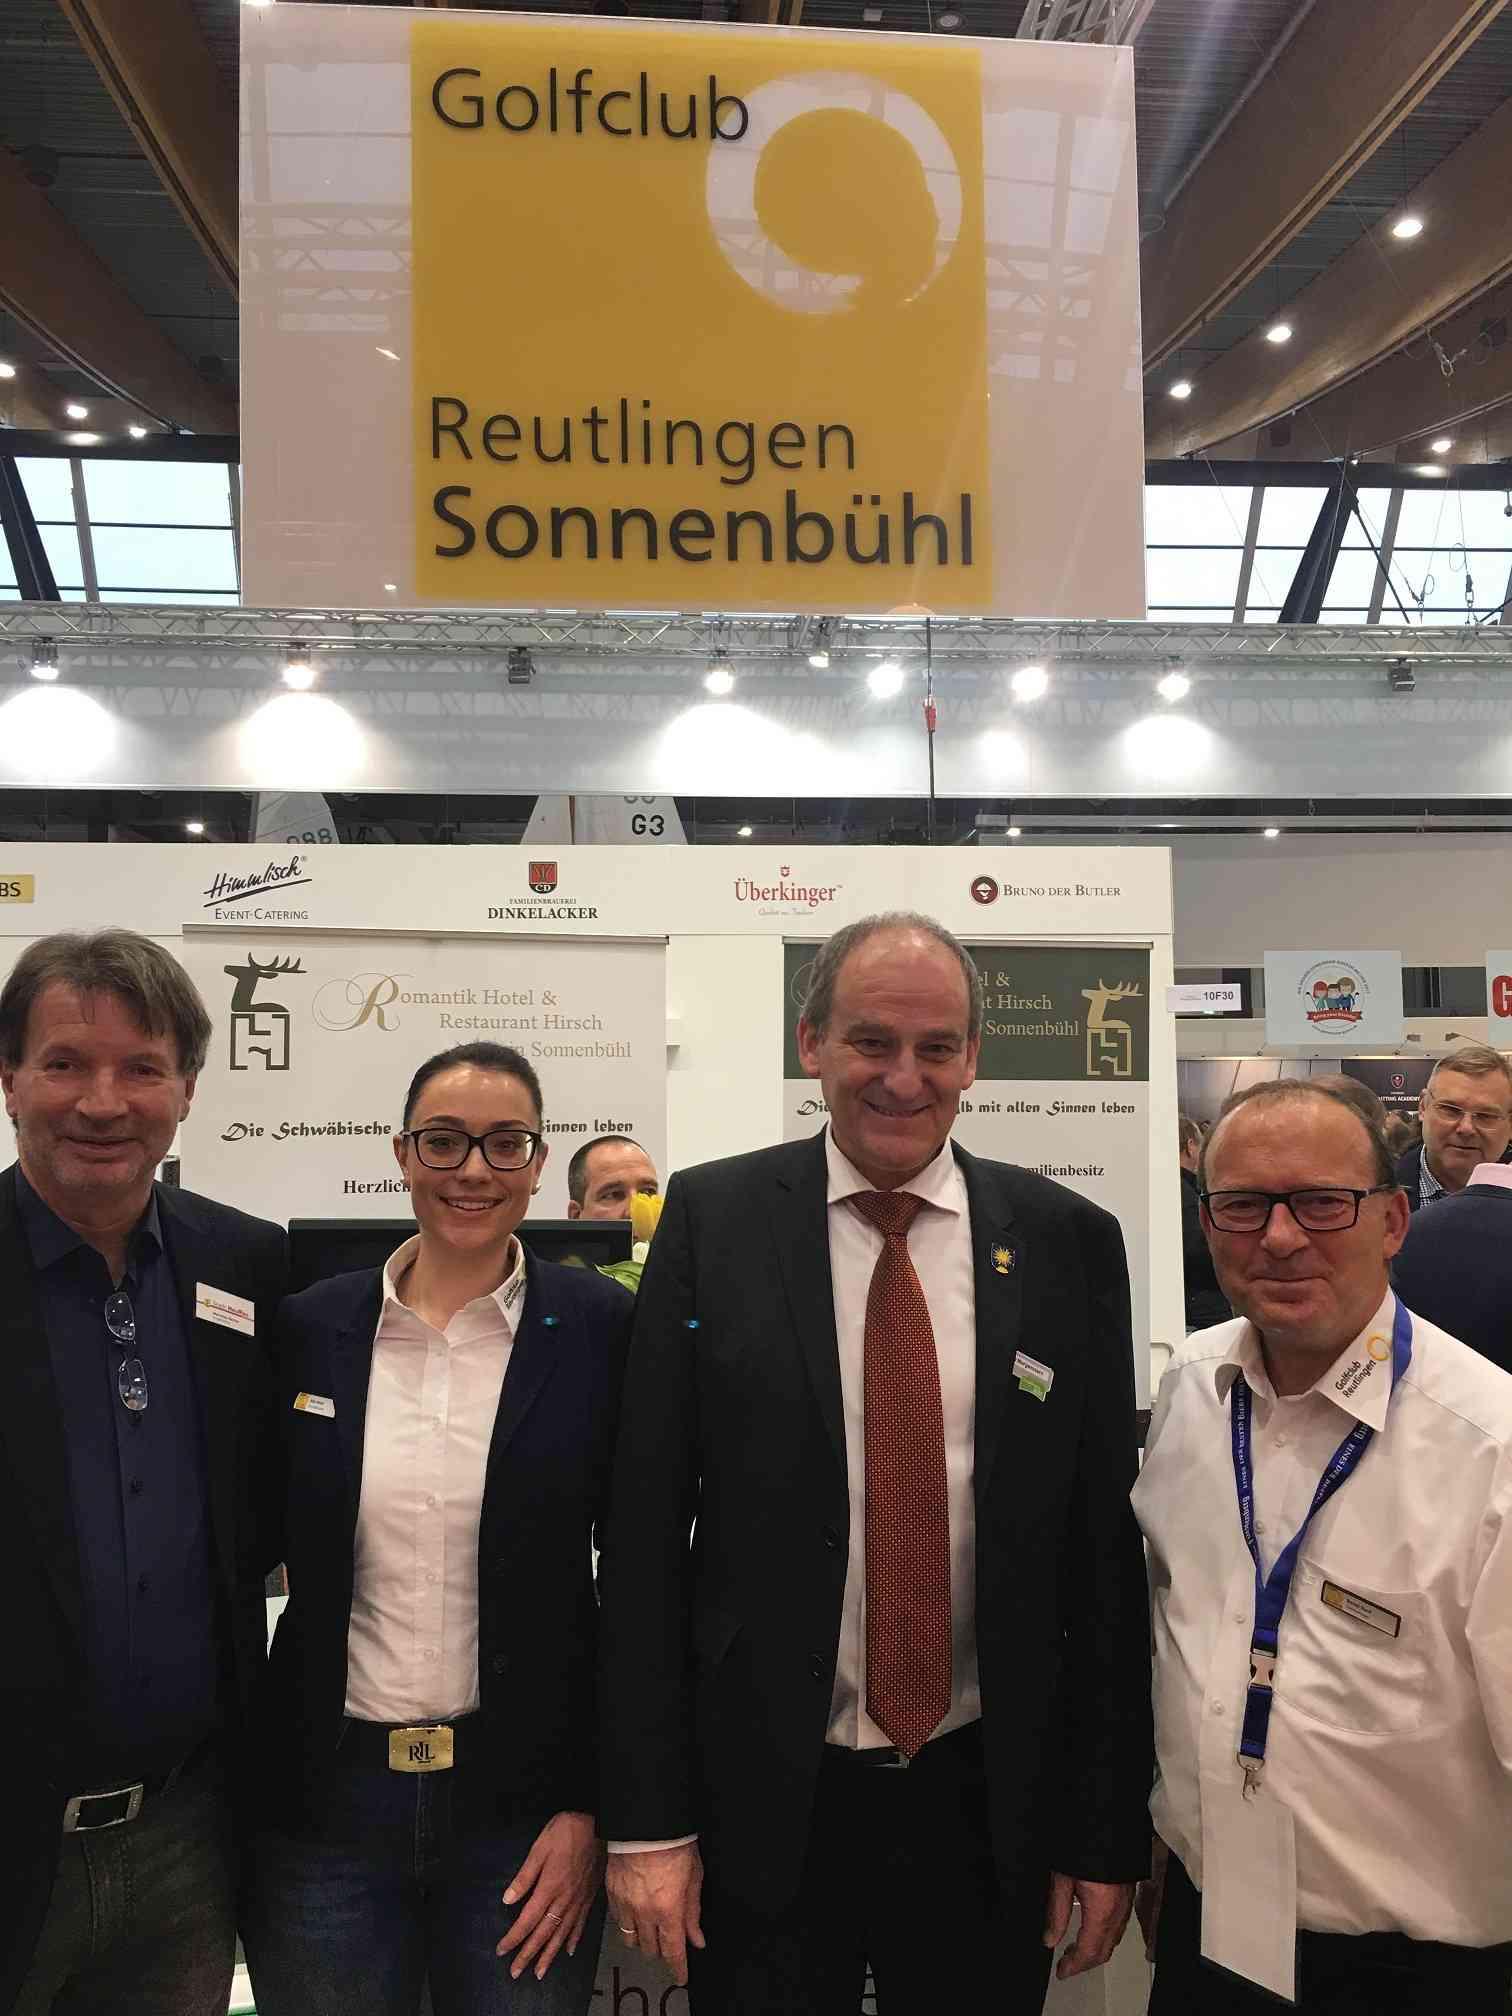 Zwei Bürgermeister auf dem CMT-Stand des Golfclubs von der Alb: Uwe Morgenstern (Mitte), Sonnenbühl, kam zusammen mit Matthias Bäcker (li), Neuffen. Darüber freuten sich Clubsekretärin Anja Fetzer und Bernd Ruof, Clubmanager.